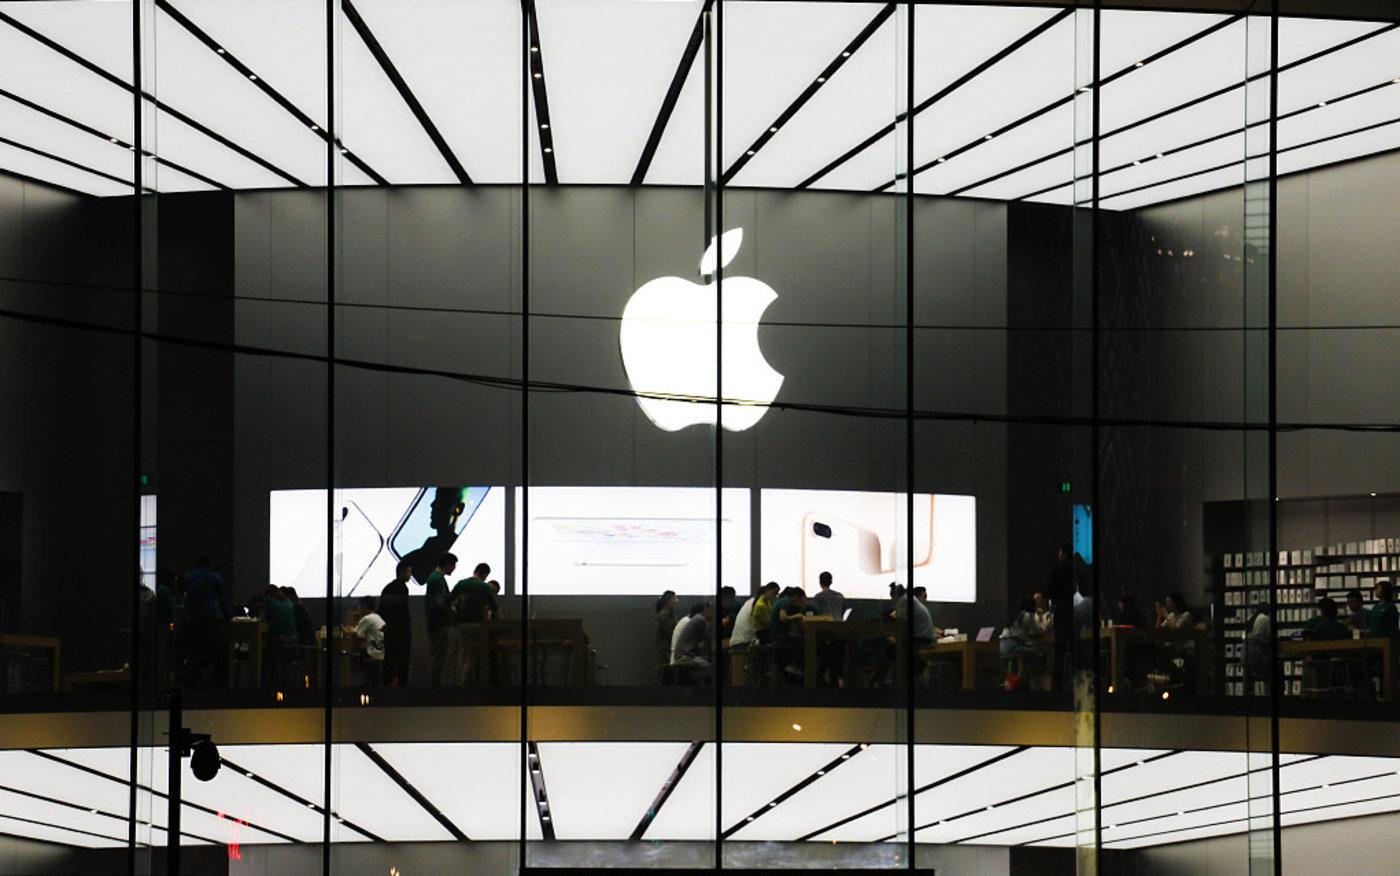 手机销量狂增93%,2020苹果在印度漂亮的翻身仗